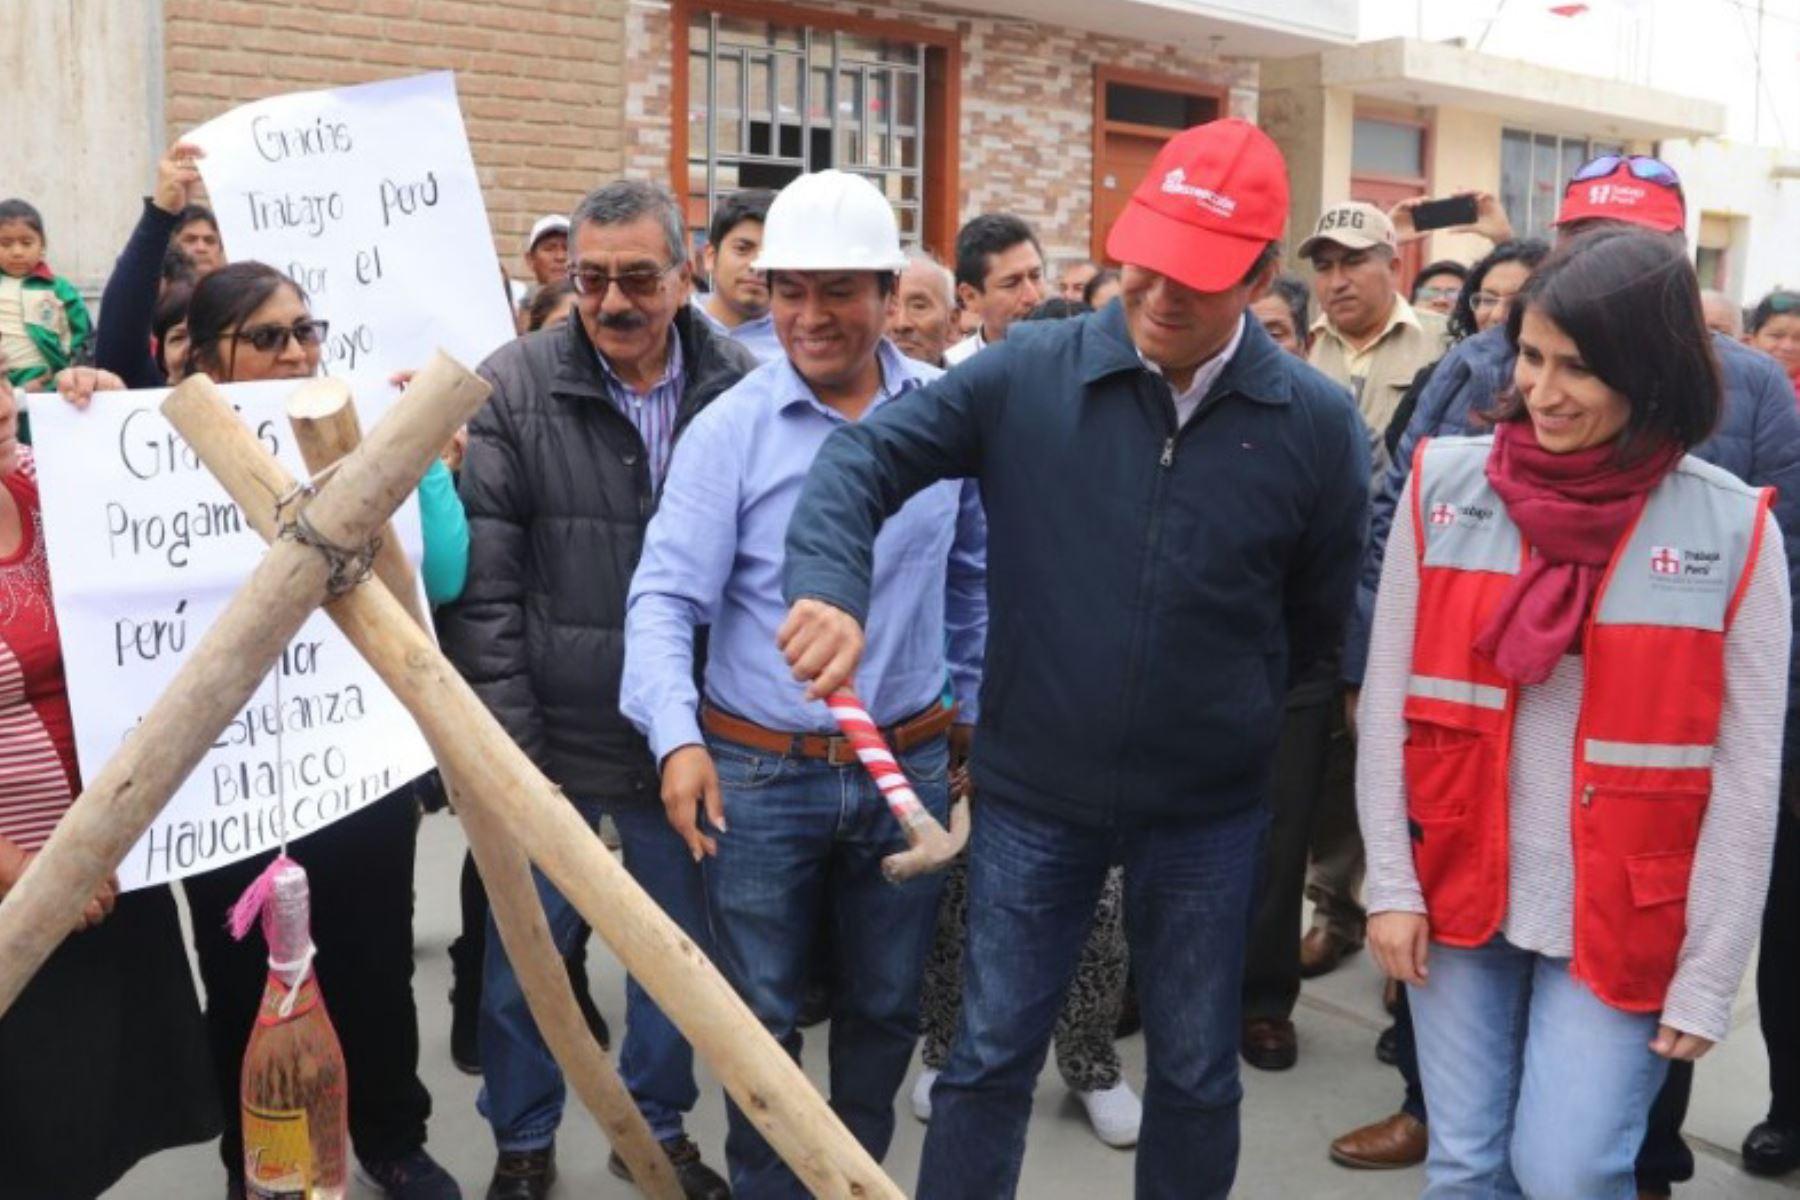 La región Lambayeque recibirá próximamente una transferencia de cerca de 350 millones de soles para la ejecución de obras de rehabilitación y reconstrucción en las zonas afectadas por El Niño Costero, anunció hoy el director de la Autoridad para la Reconstrucción con Cambios (ARCC), Edgar Quispe.